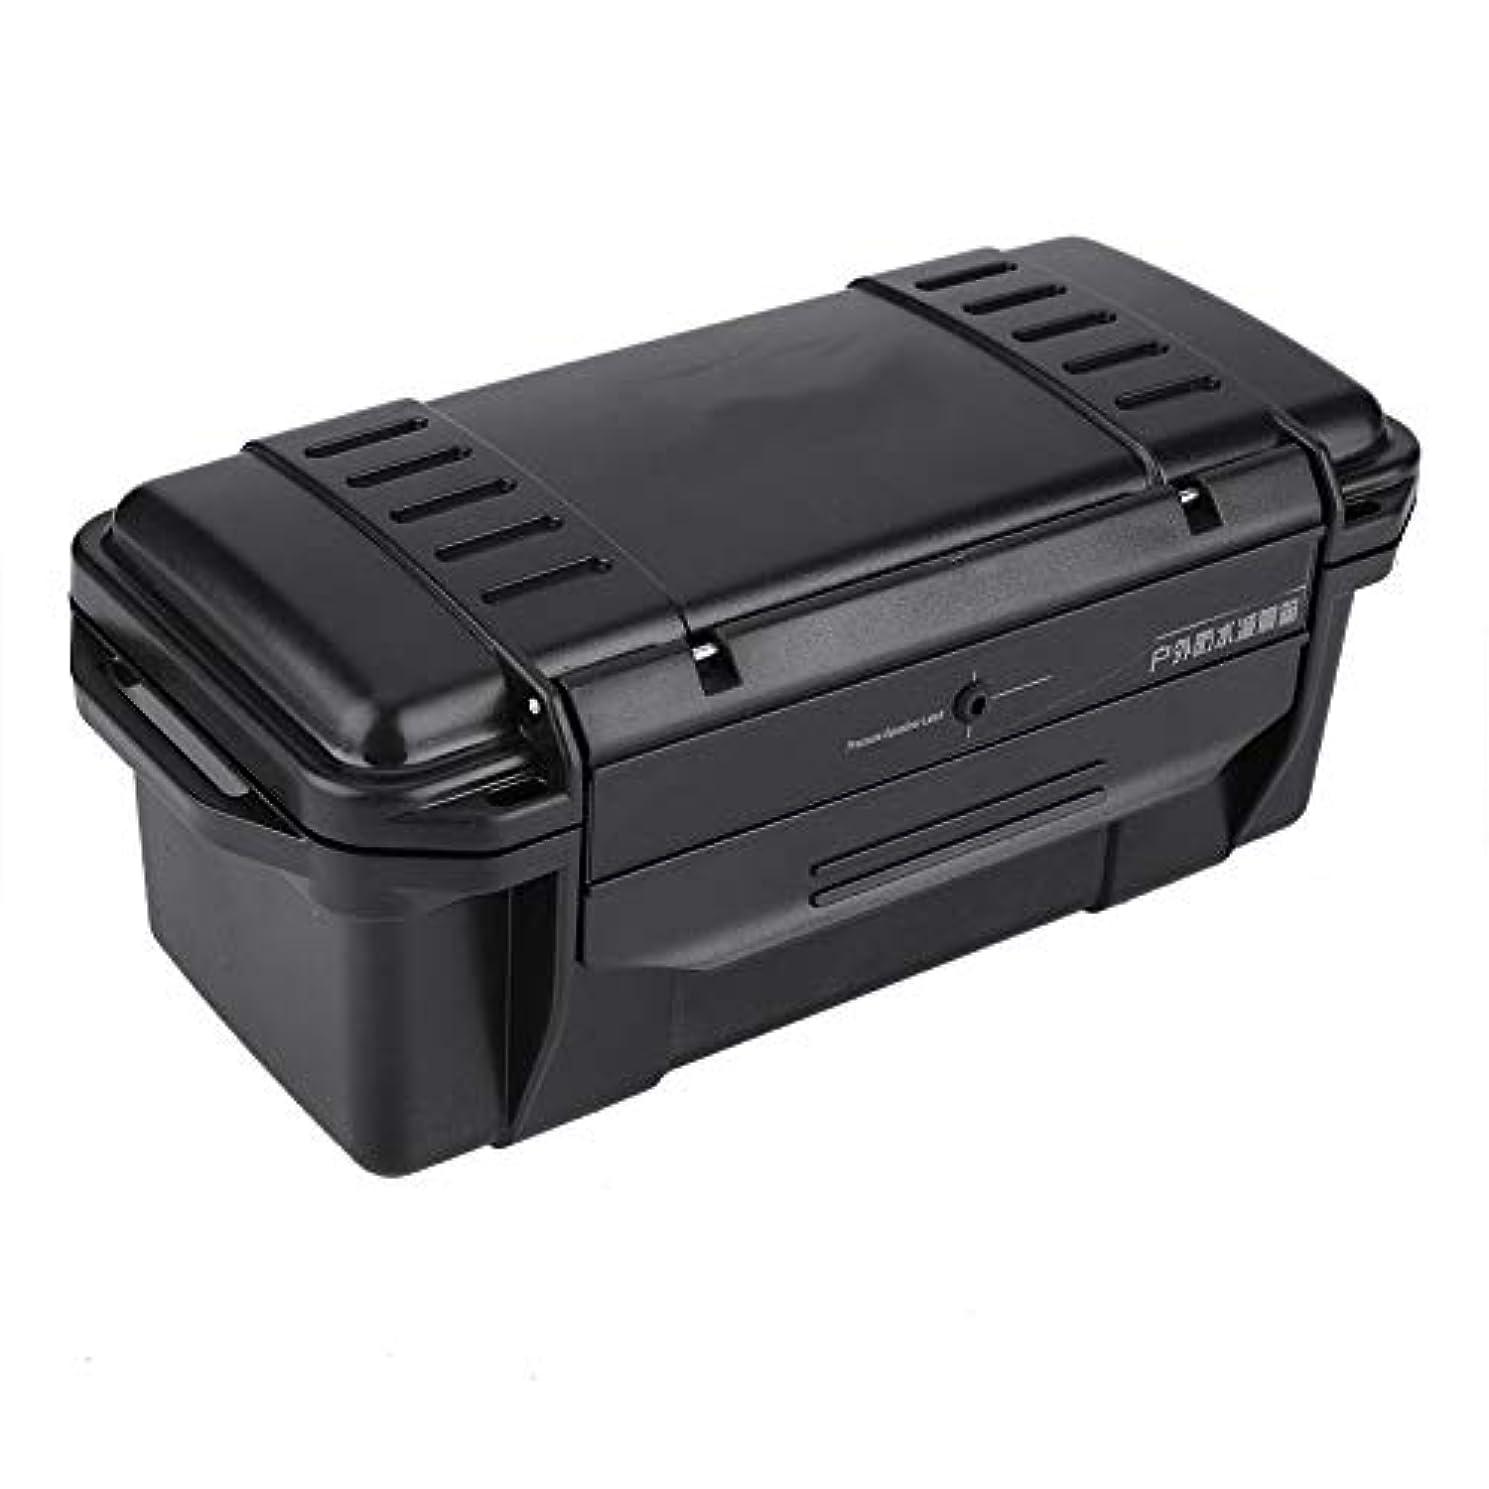 熱心雷雨サーバ防水ボックス 収納箱 防水 防塵 防振 アンチショック アウトドア ABSプラスチック